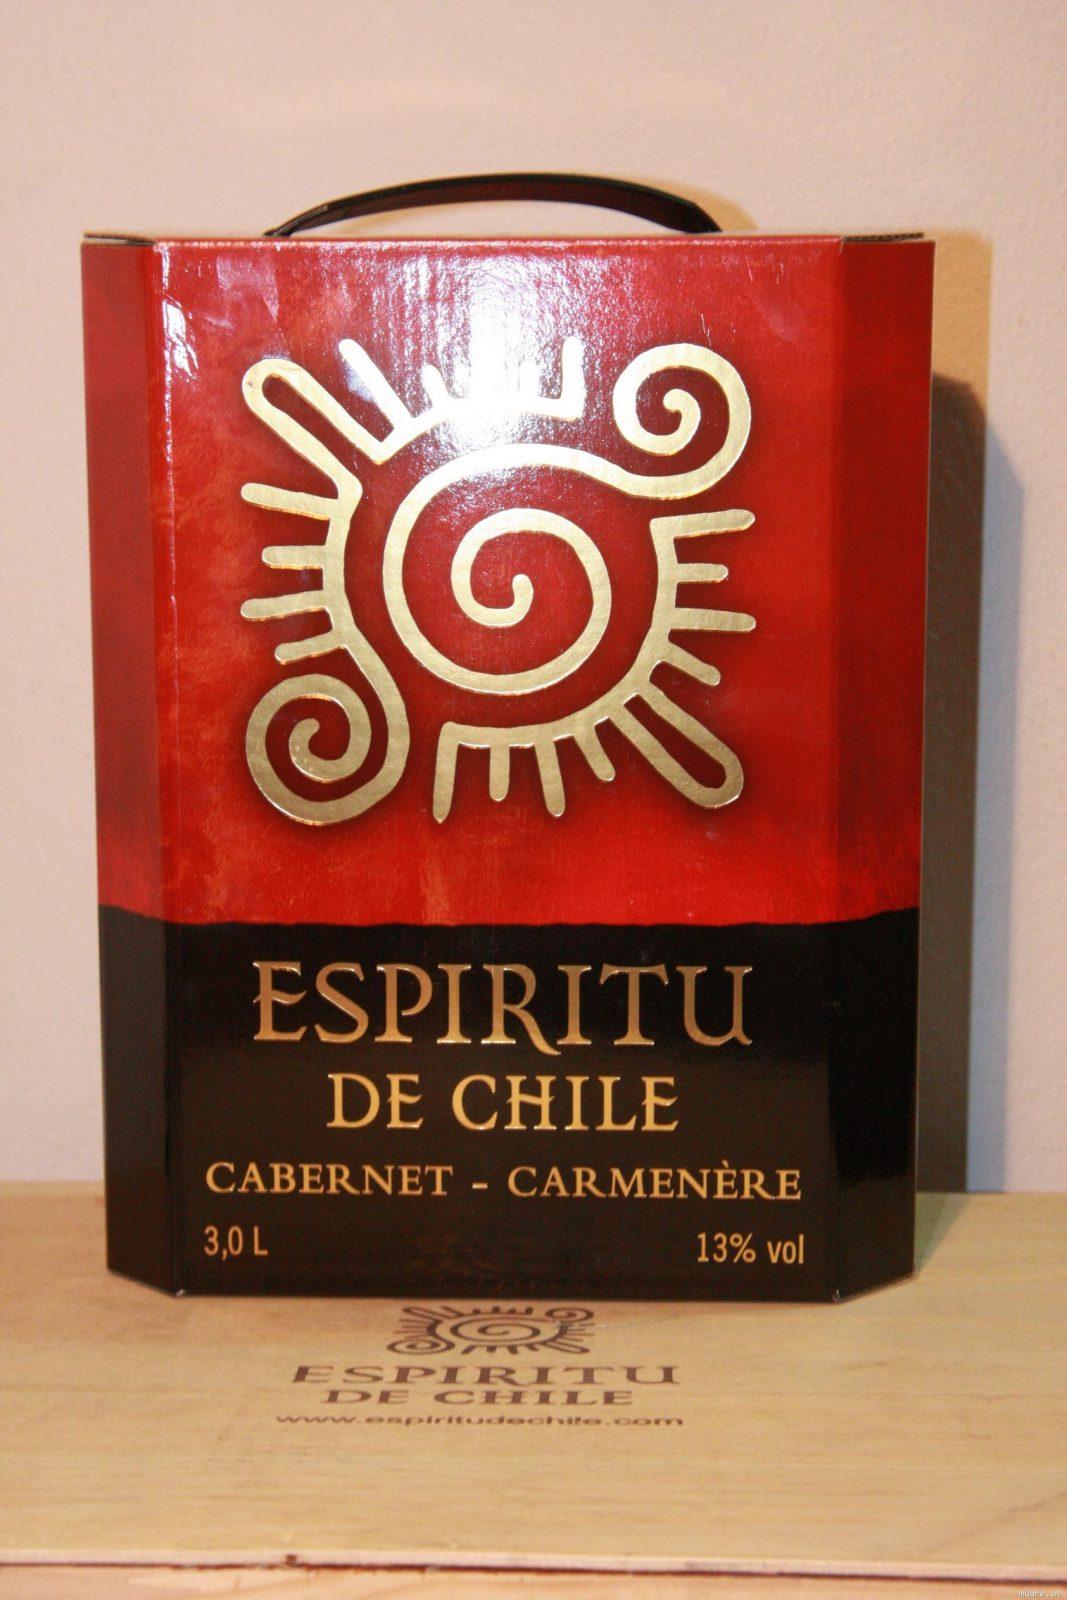 Ảnh chụp thực rượu vang Chile bịch 3 lít mặt trời - Espiritu De Chile